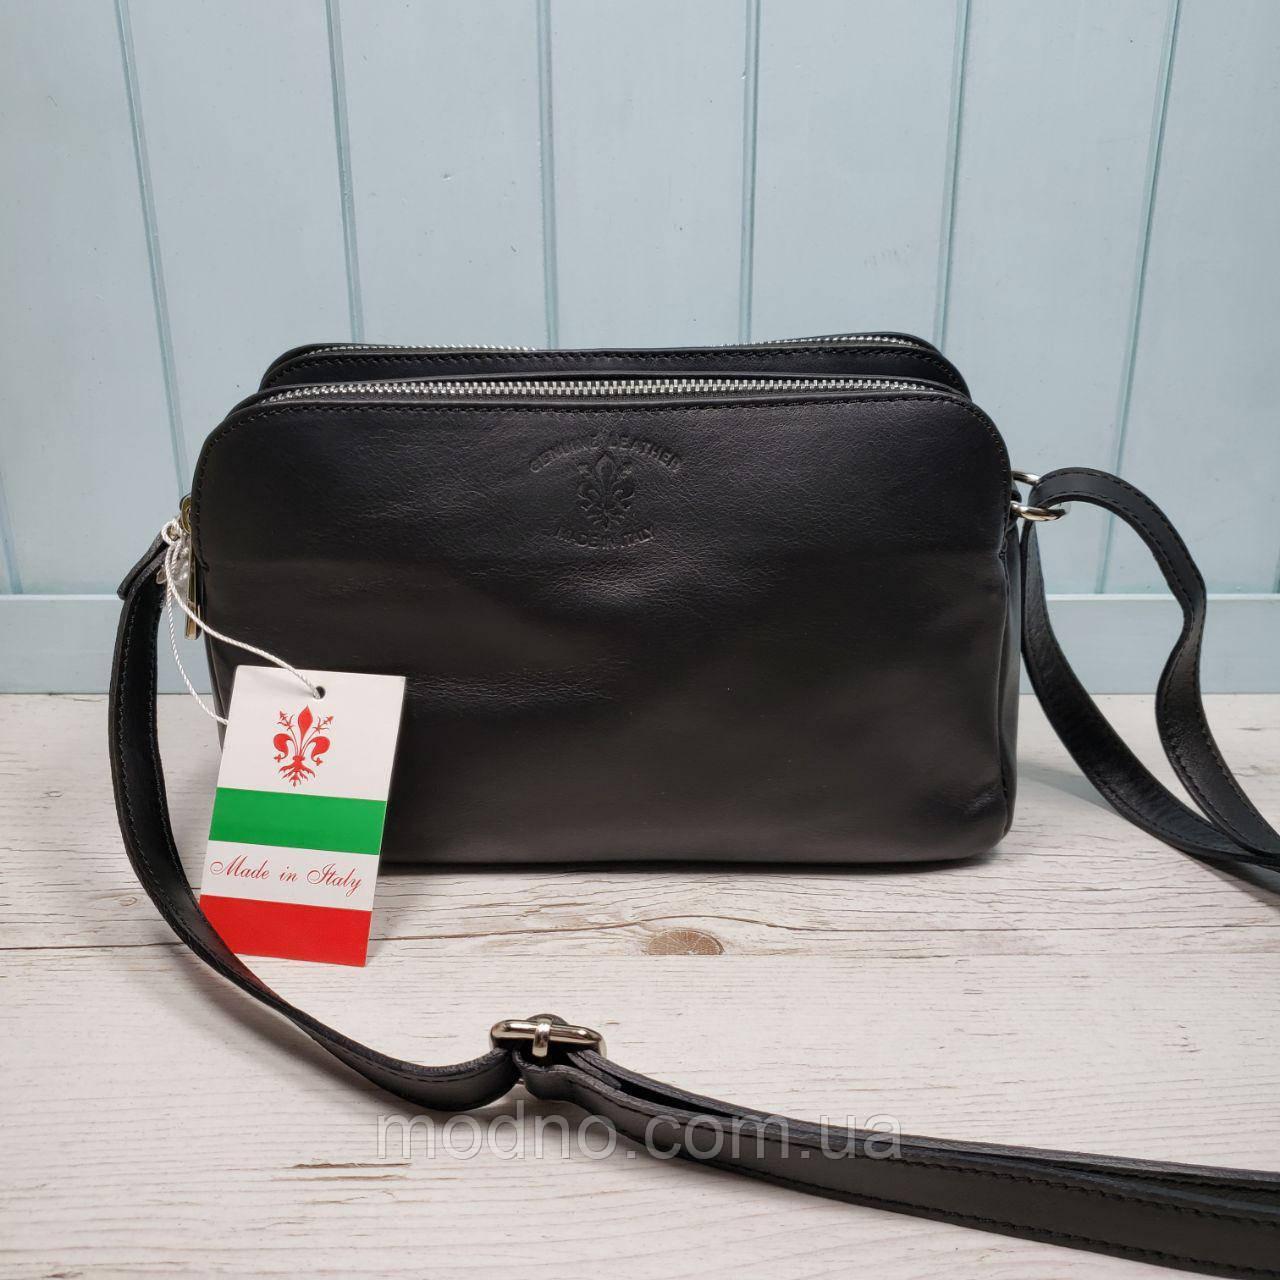 c7bebbbcd773 Женская итальянская кожаная сумка - Интернет-магазин